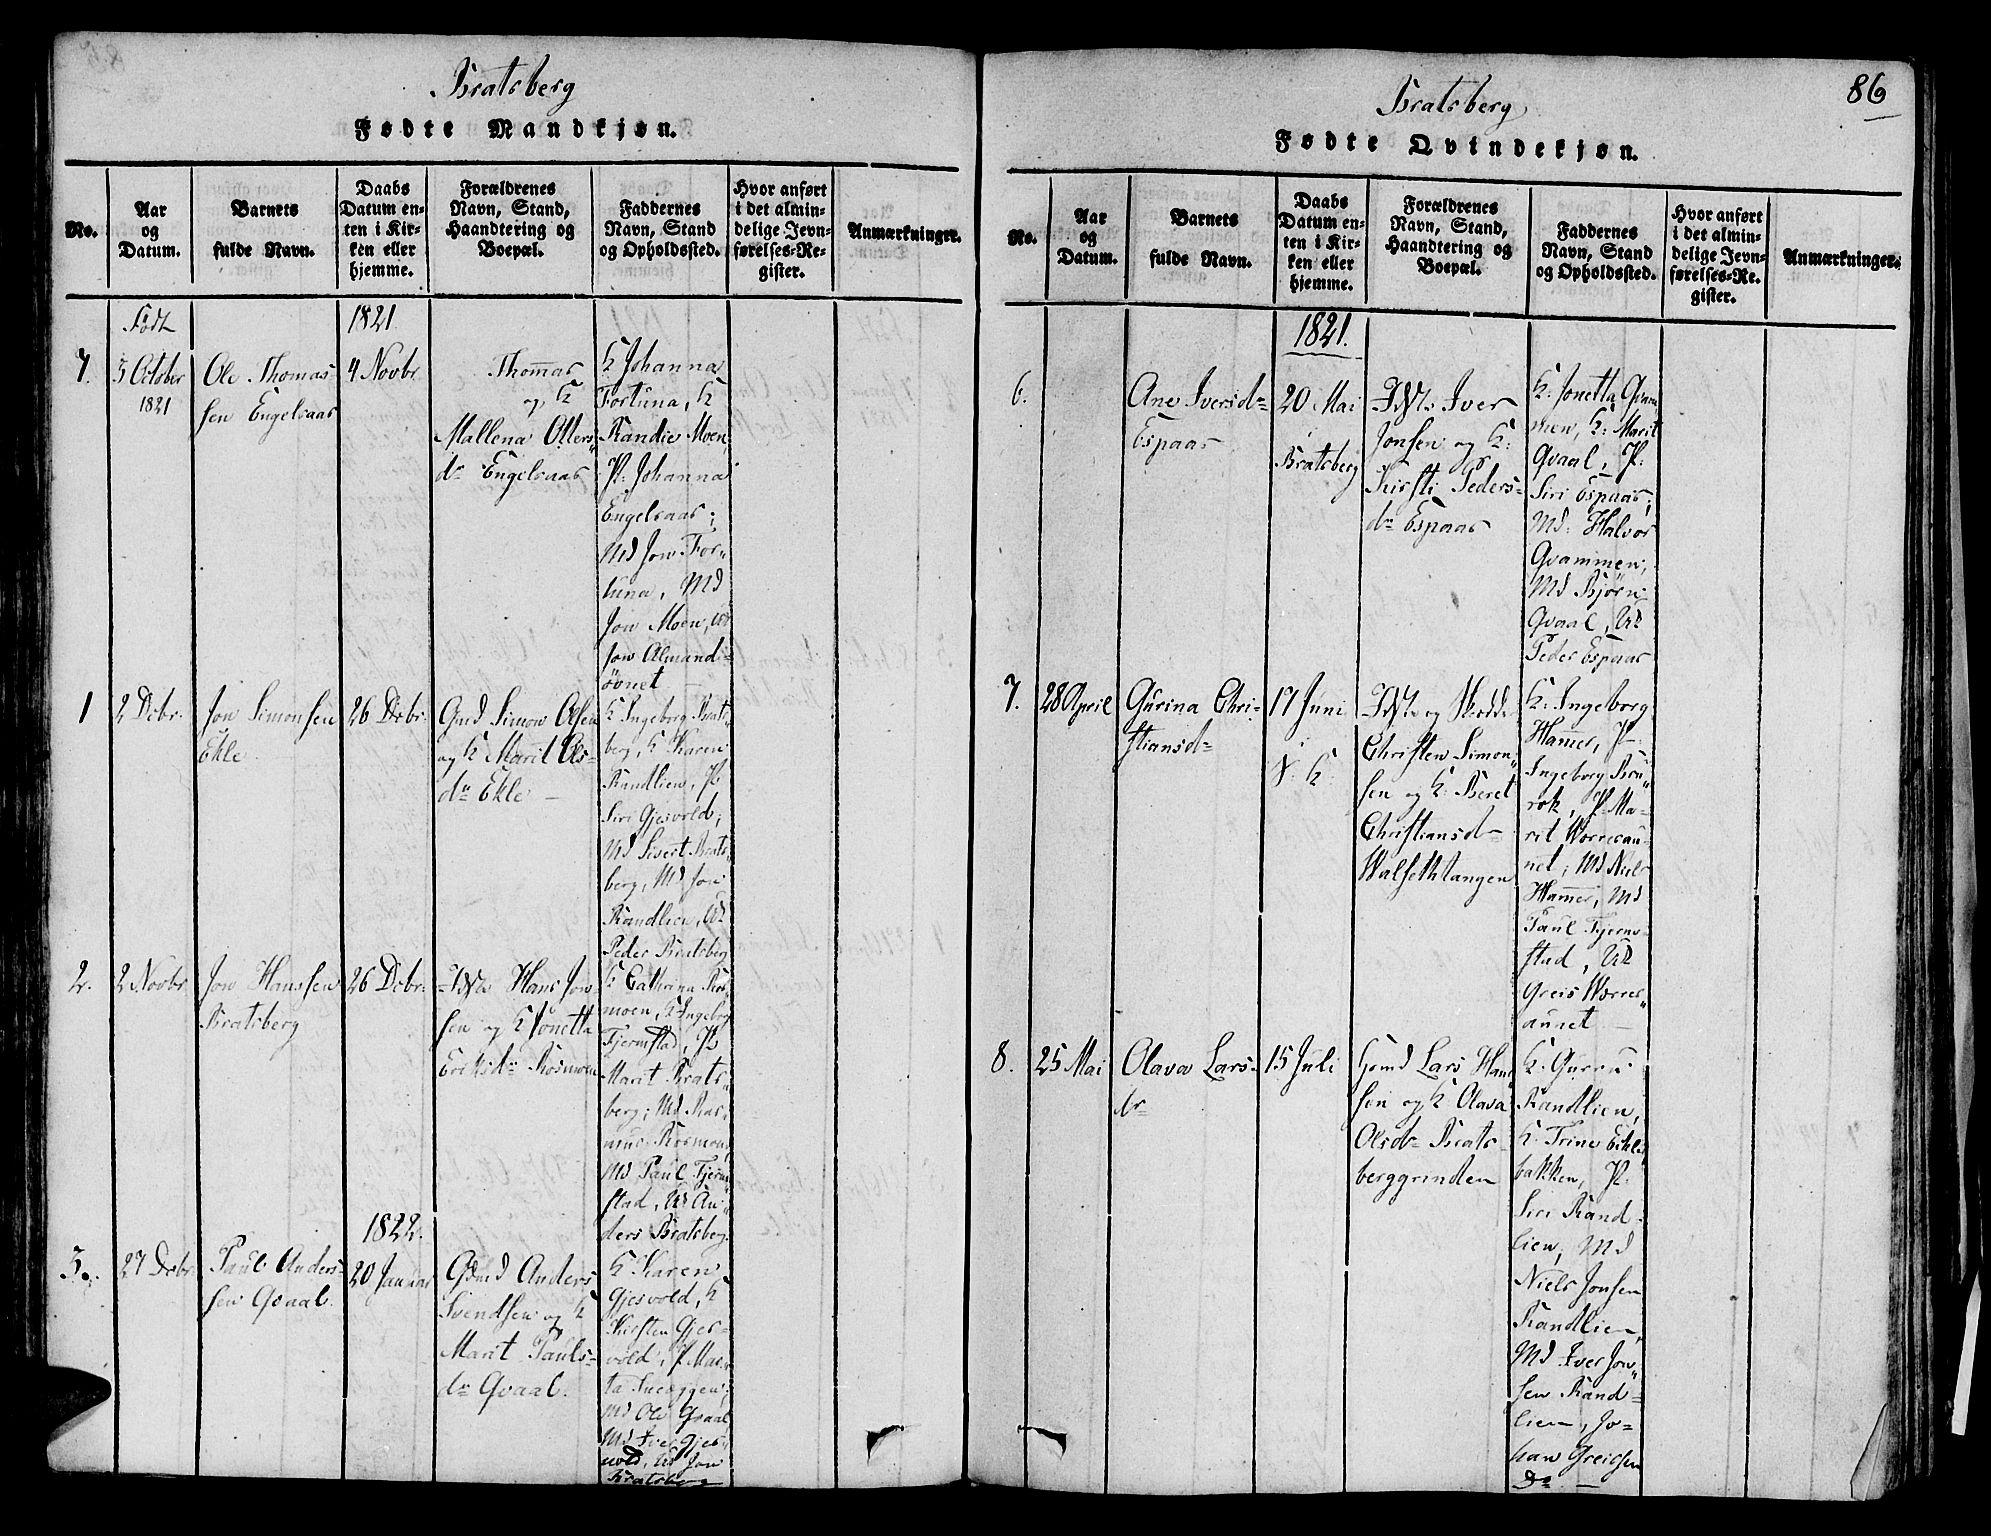 SAT, Ministerialprotokoller, klokkerbøker og fødselsregistre - Sør-Trøndelag, 606/L0285: Ministerialbok nr. 606A03 /3, 1819-1823, s. 86